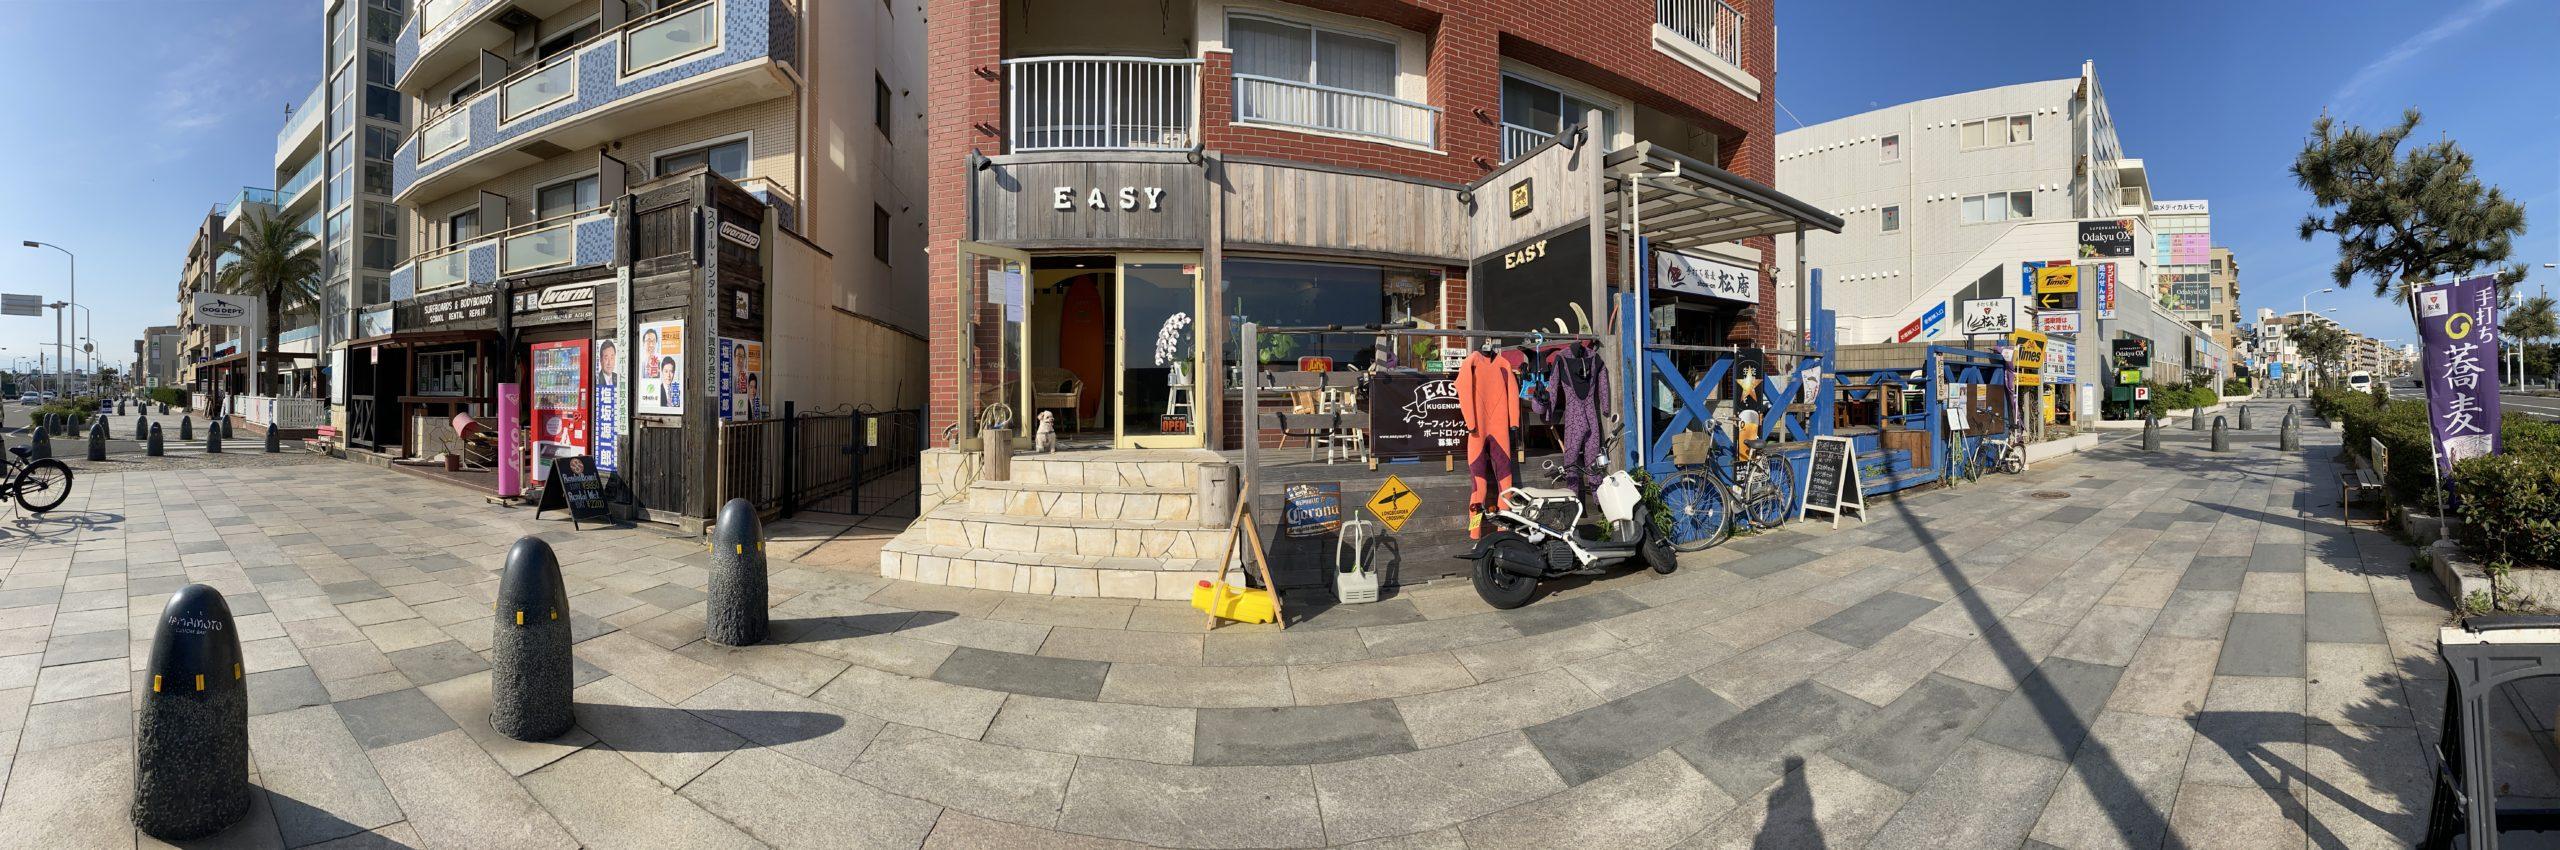 サーフィンスクール・ボードロッカー【EASYsurf Kugenuma】湘南江の島 鵠沼海岸で楽しいサーフィンライフを!